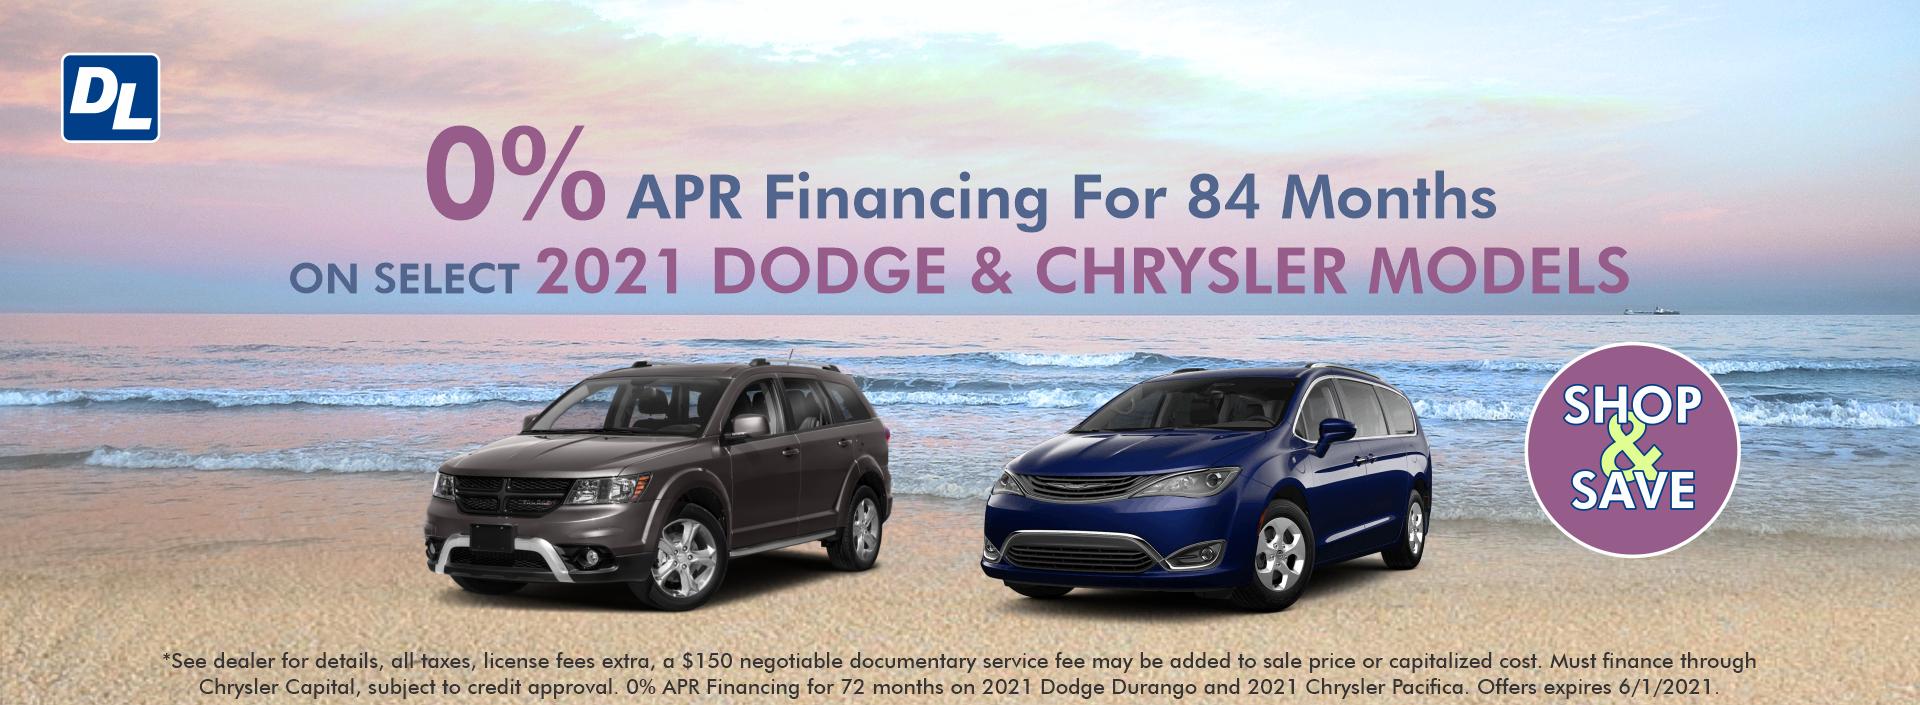 2021JuneBanners-CDJR-Dodge-Chrysler